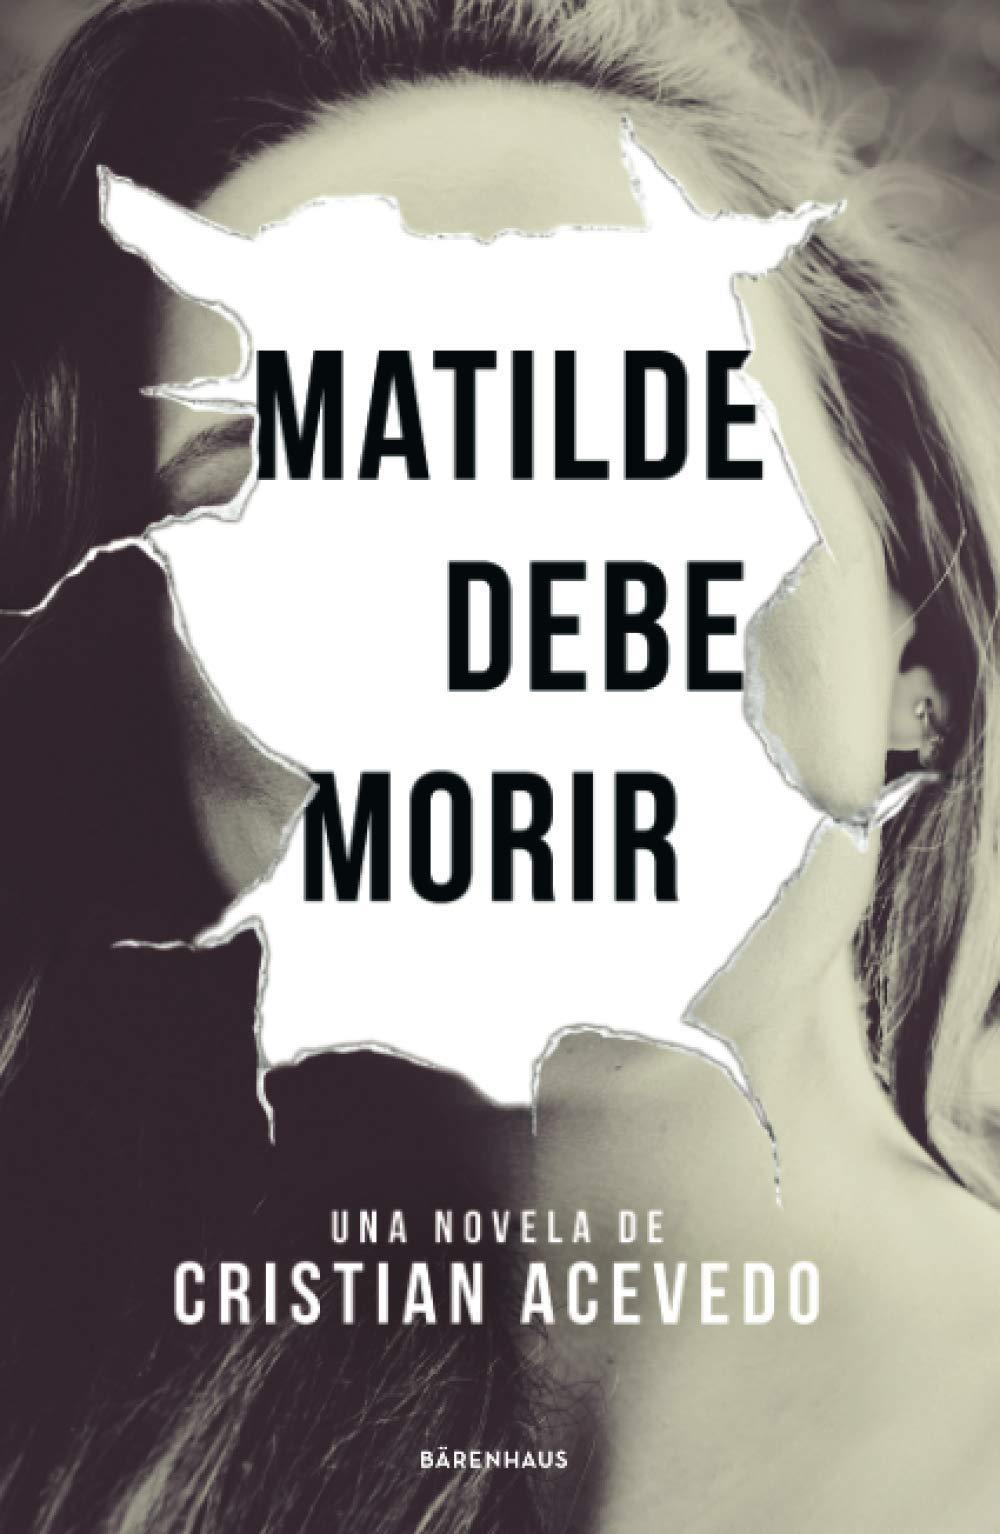 Matilde debe morir: Amazon.es: Acevedo, Cristian: Libros